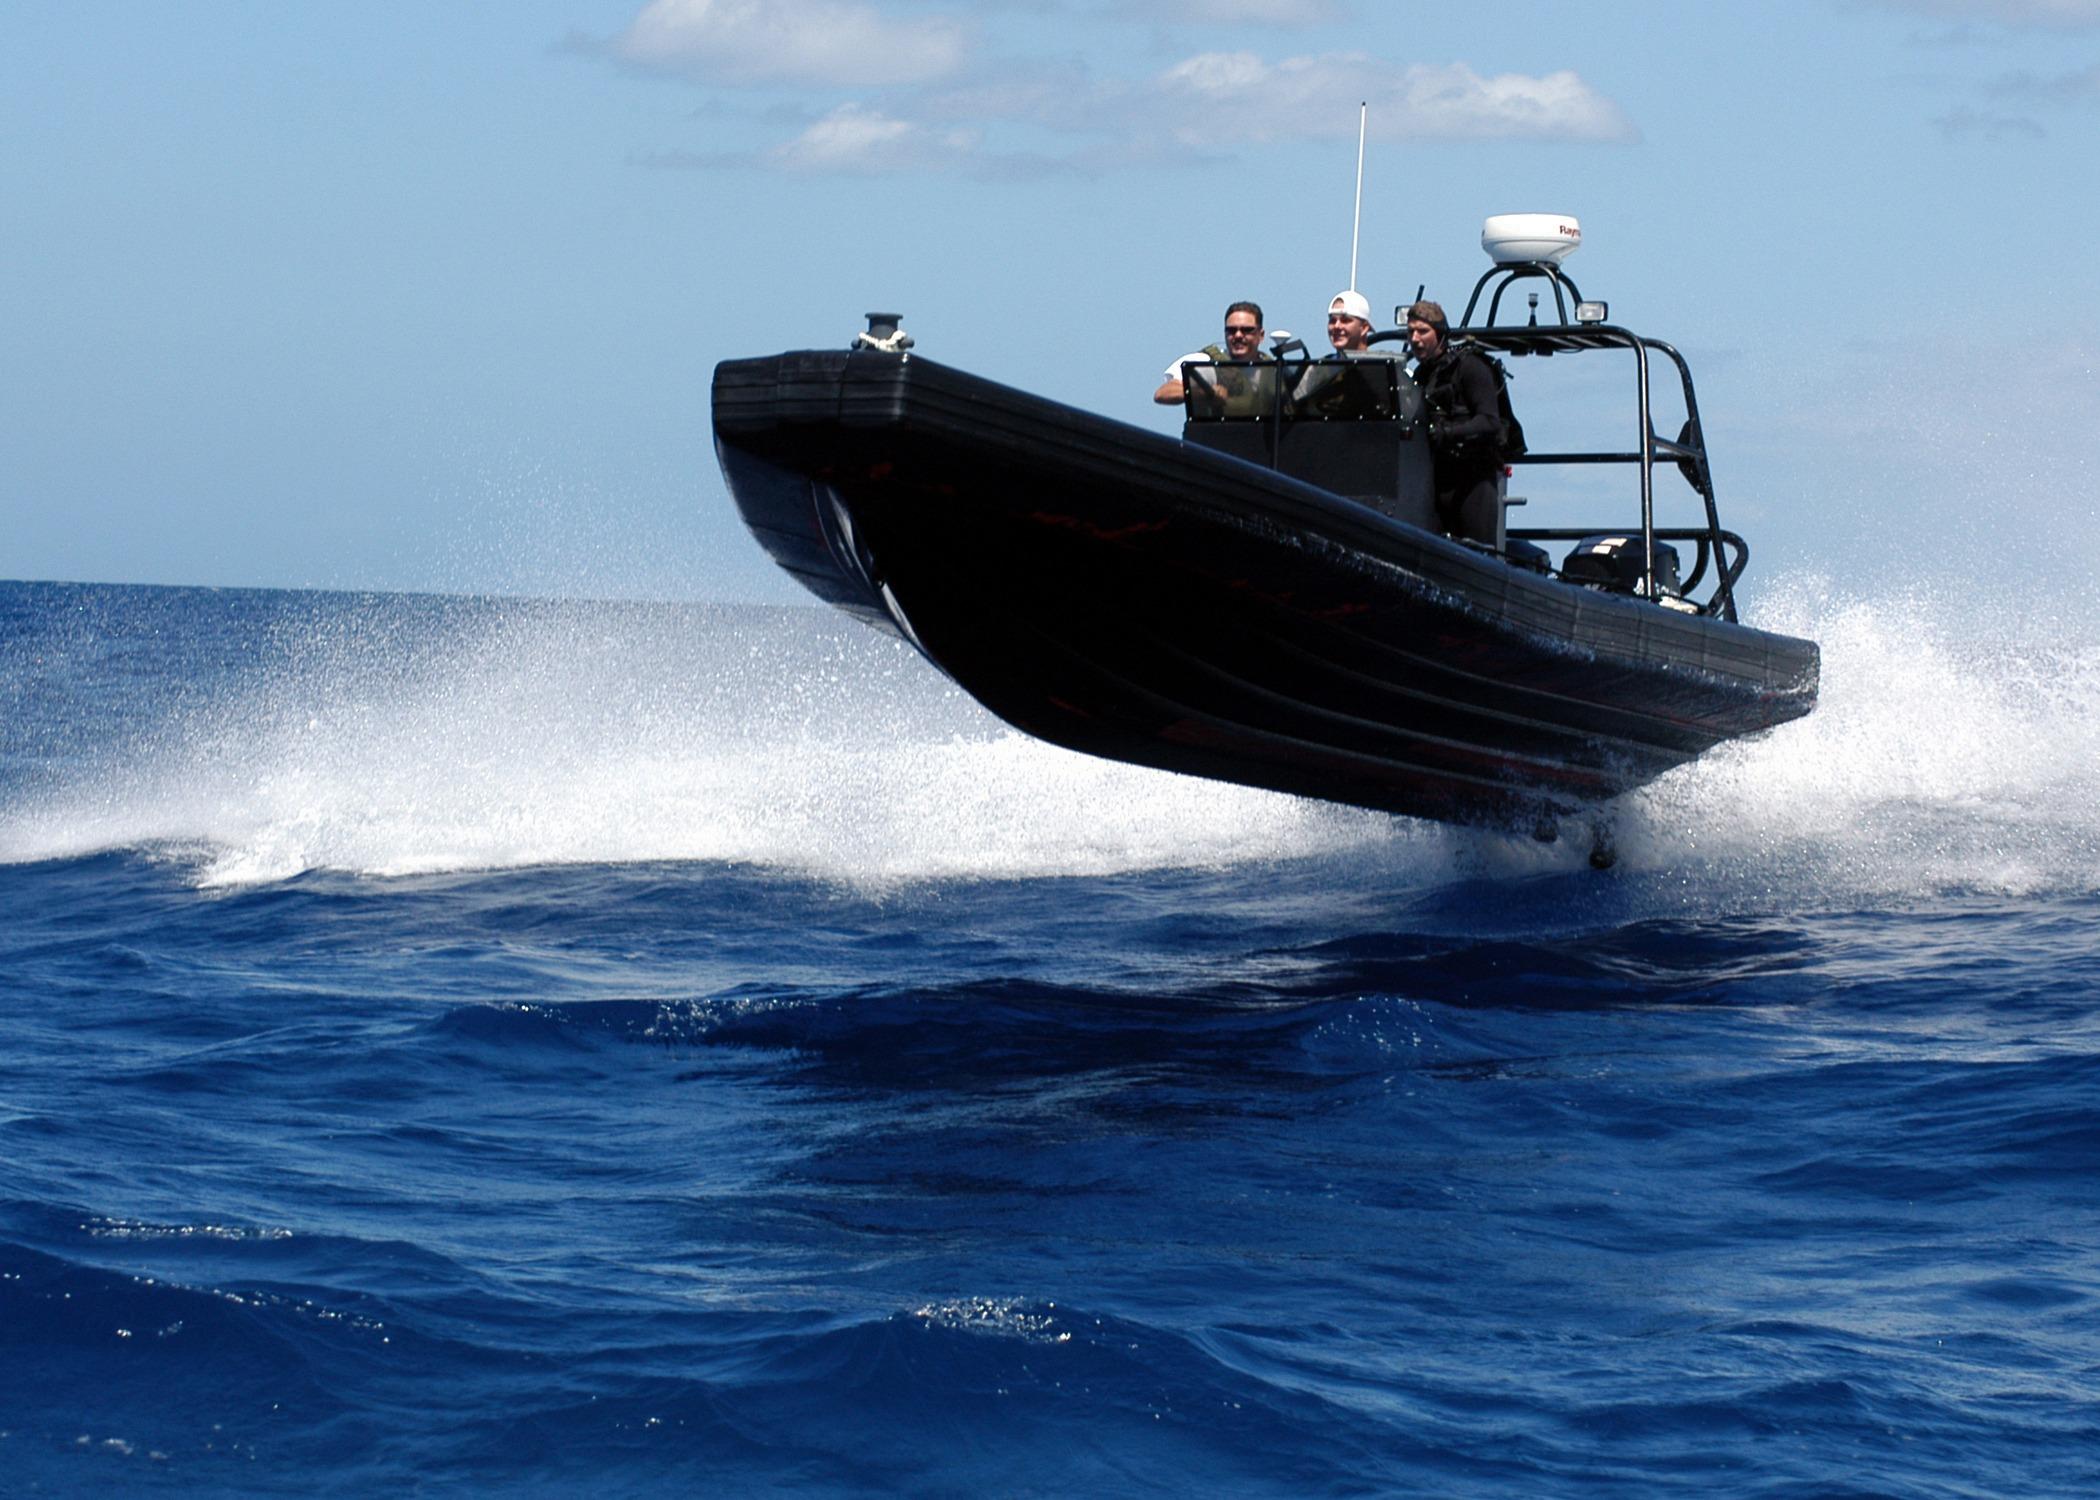 фото морских катеров лучше разместить статуэтку